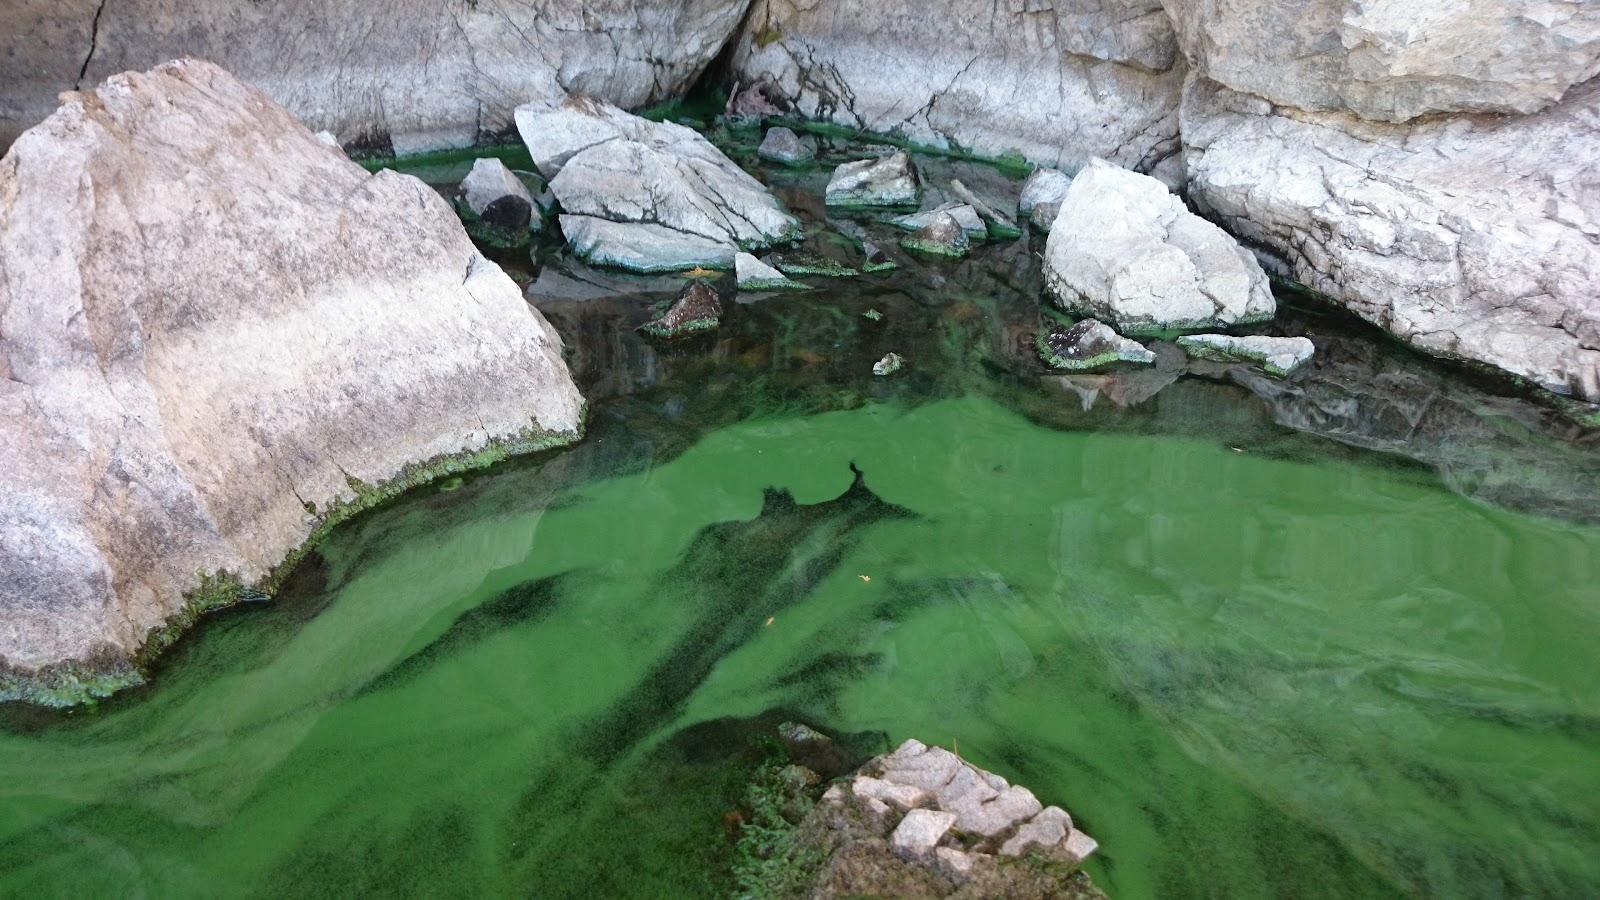 pond algae.JPG